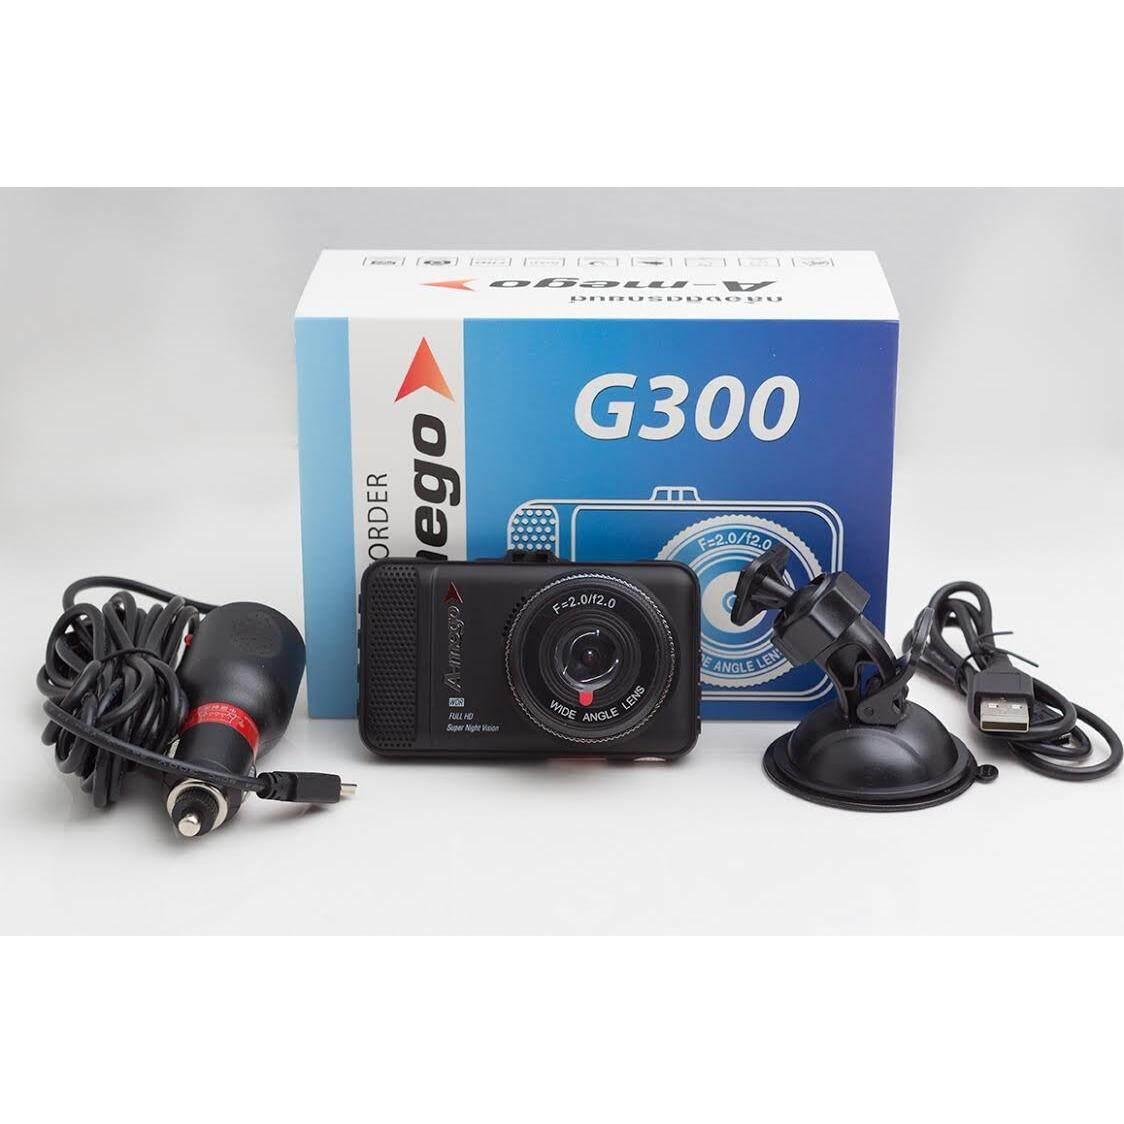 กล้องติดรถยนต์ A-mego G300 แถมฟรี Memory Kingston Micro SD Card Class 10 (16GB)